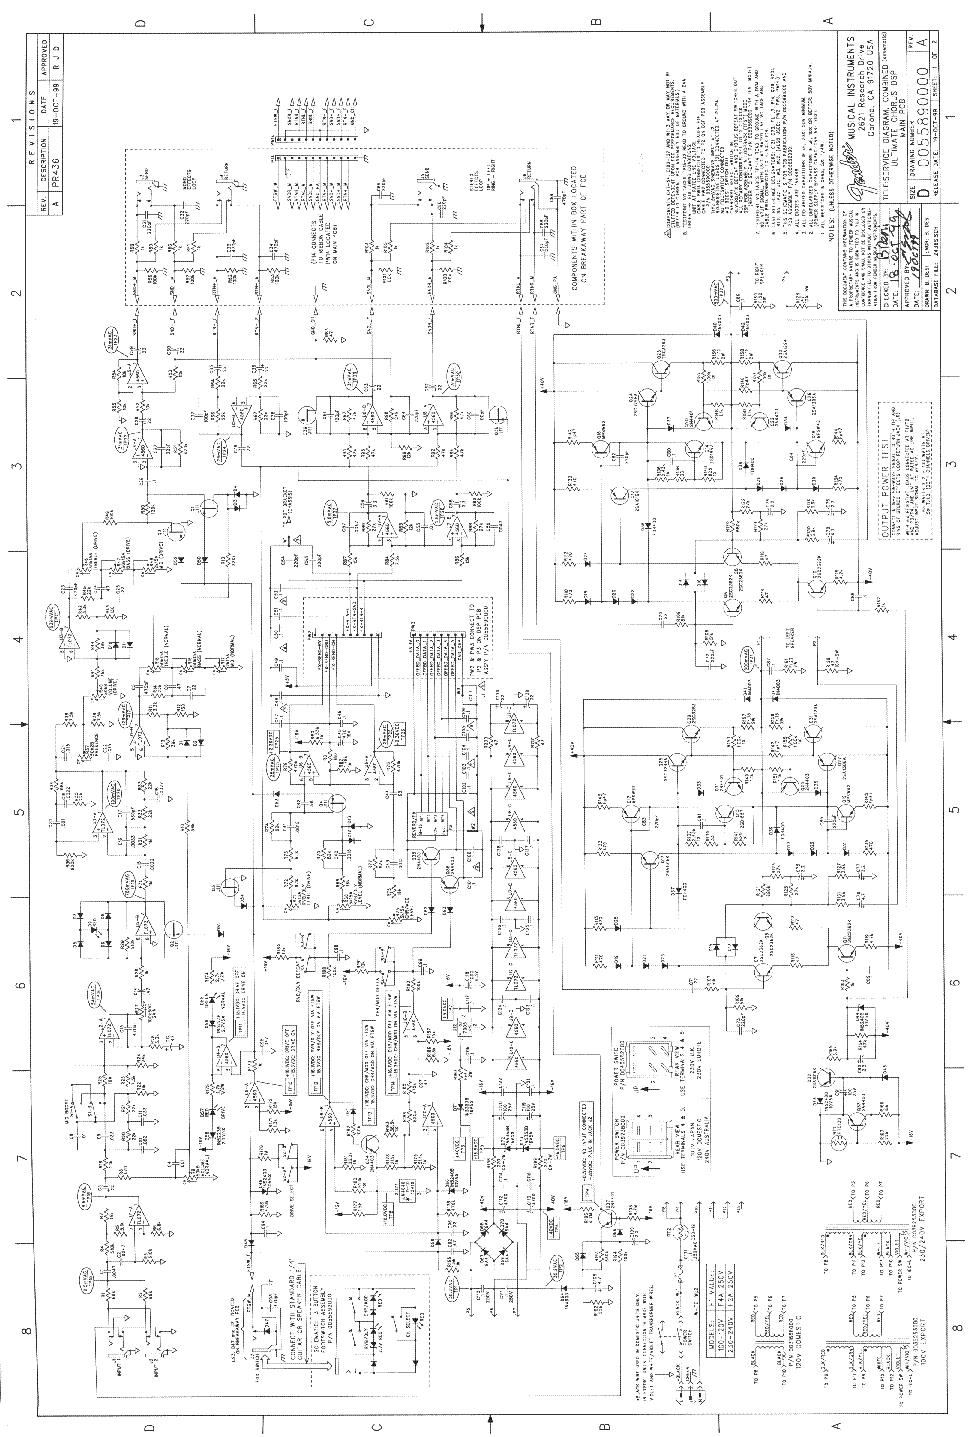 fender deluxe 90 dsp manual